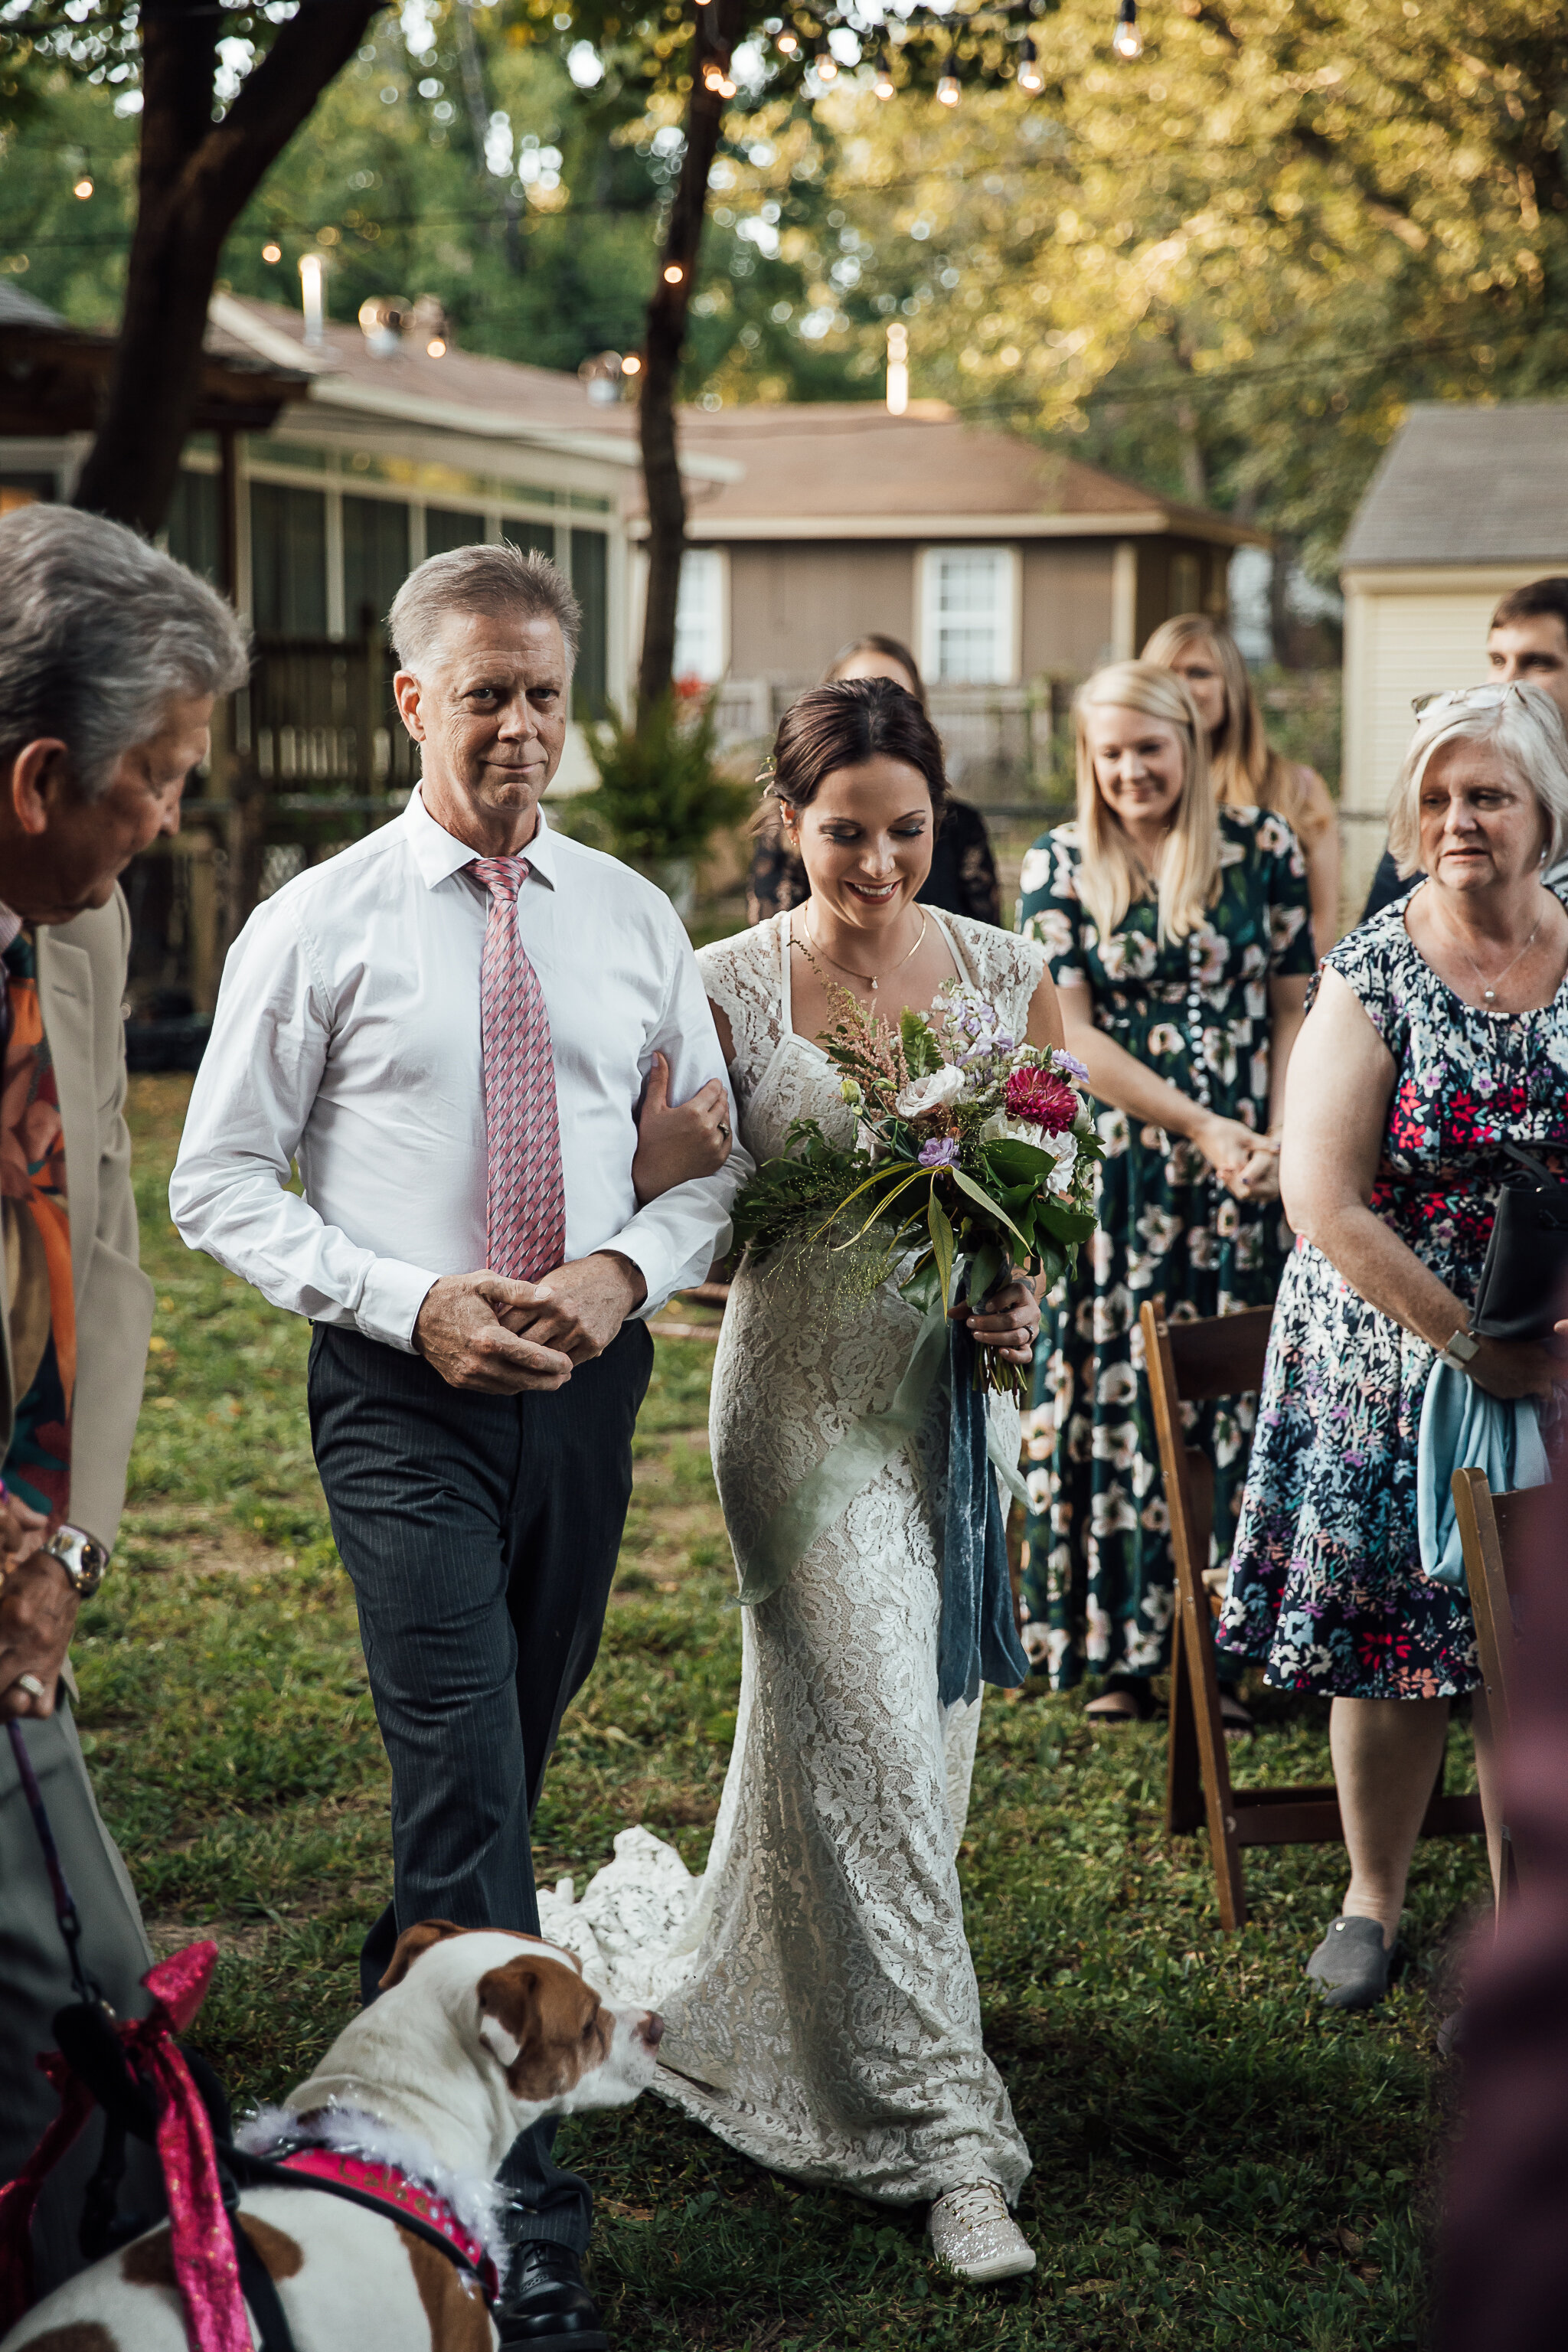 Allison-and-Wesley-Memphis-Backyard-Wedding-TheWarmthAroundYou-36.jpg